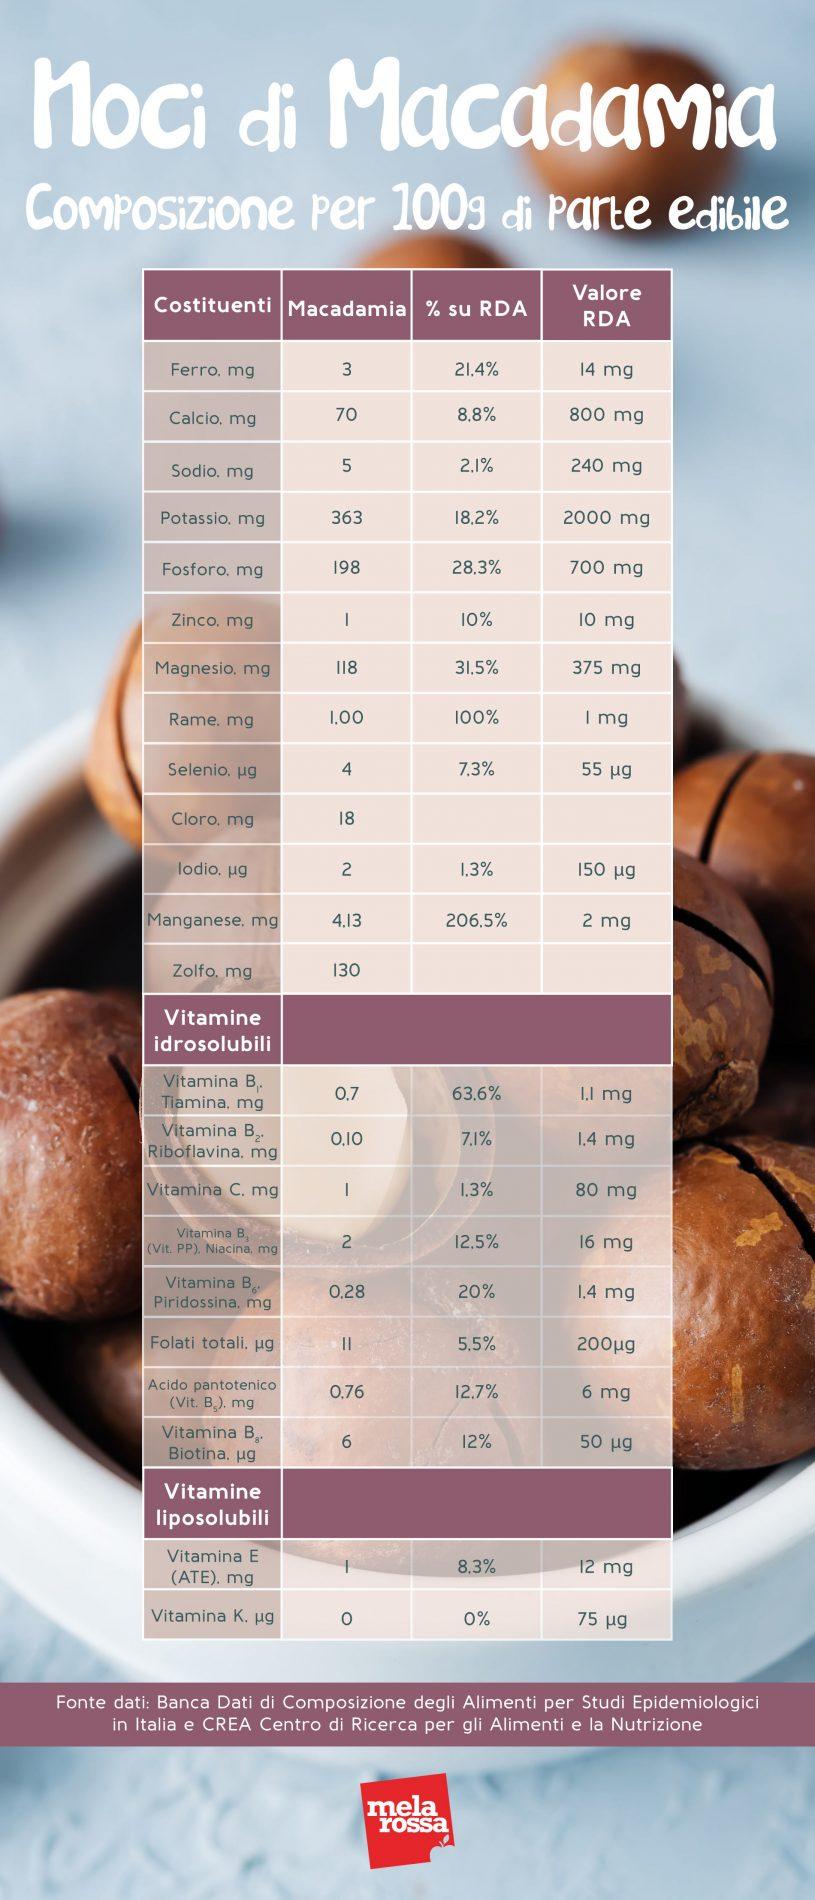 noci di macadamia: valori nutrizionali